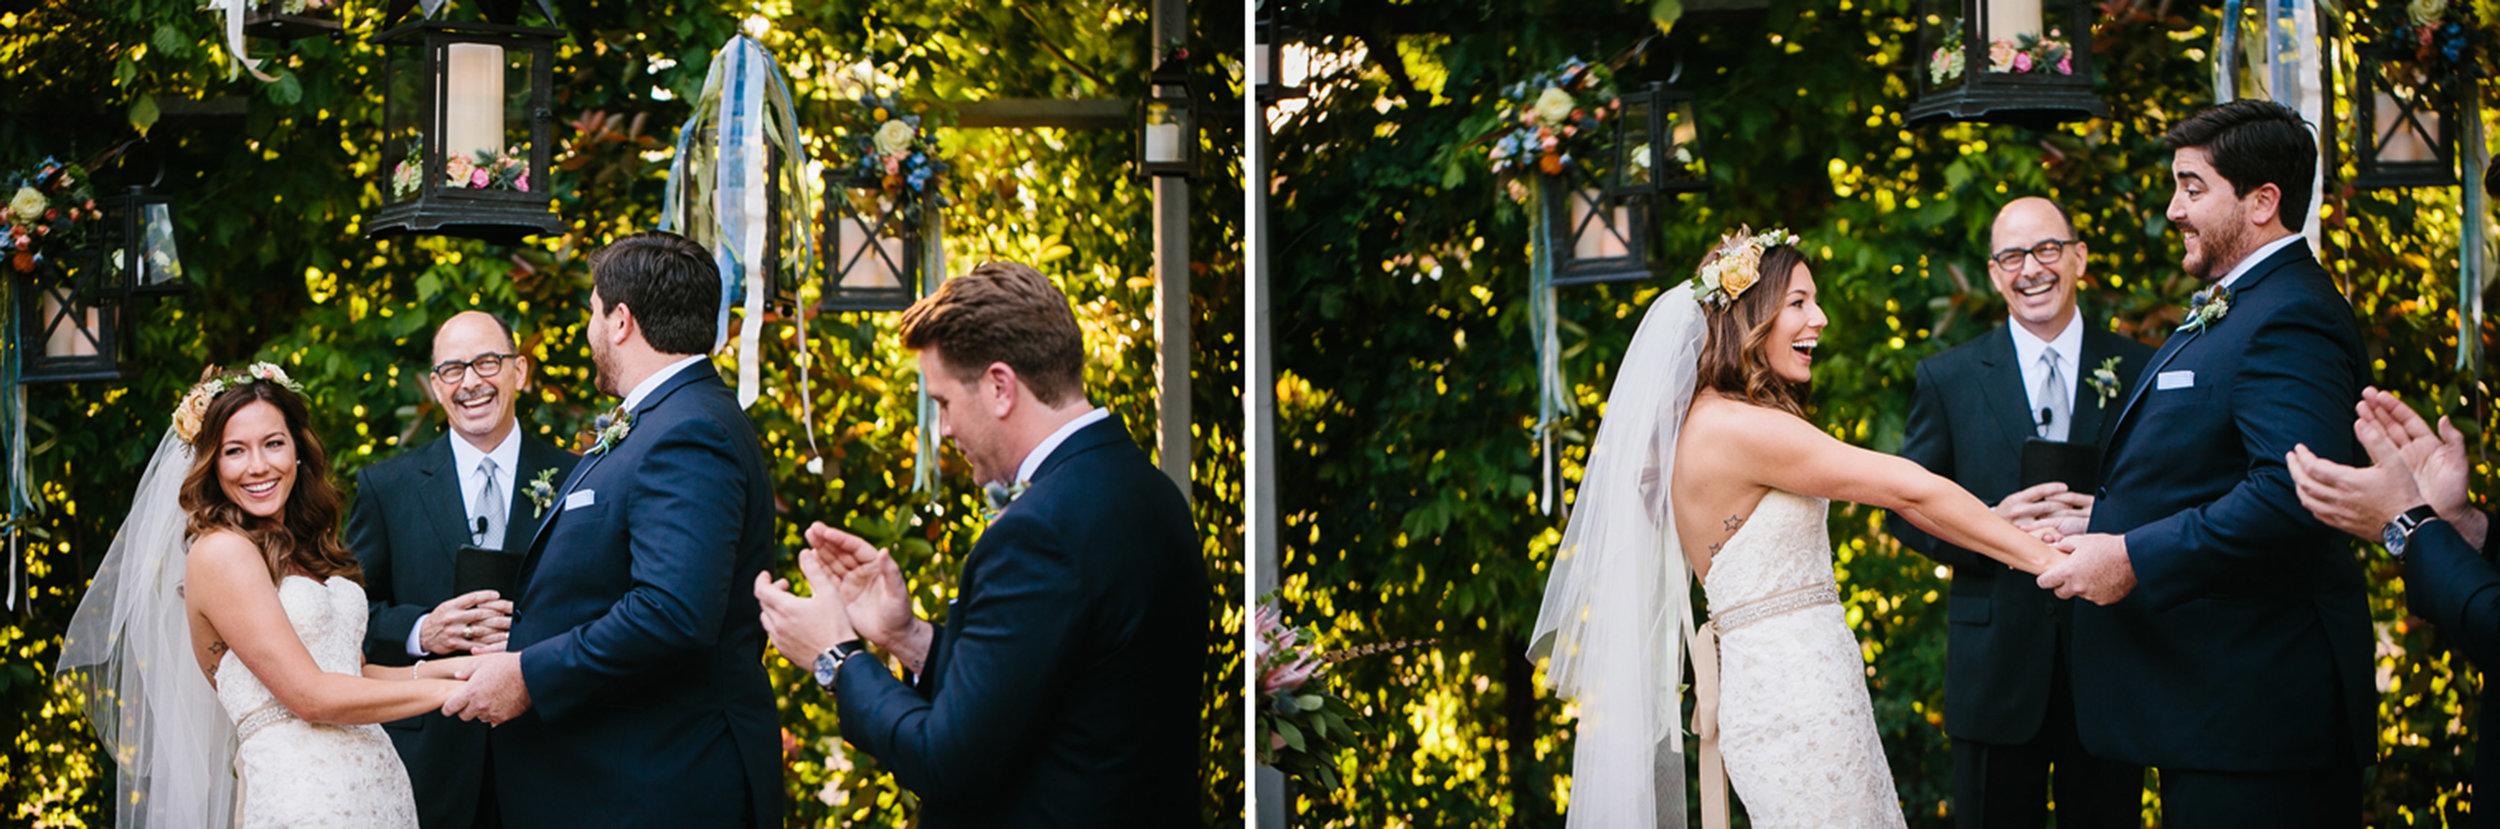 Austin_WeddingPhotographer020.jpg